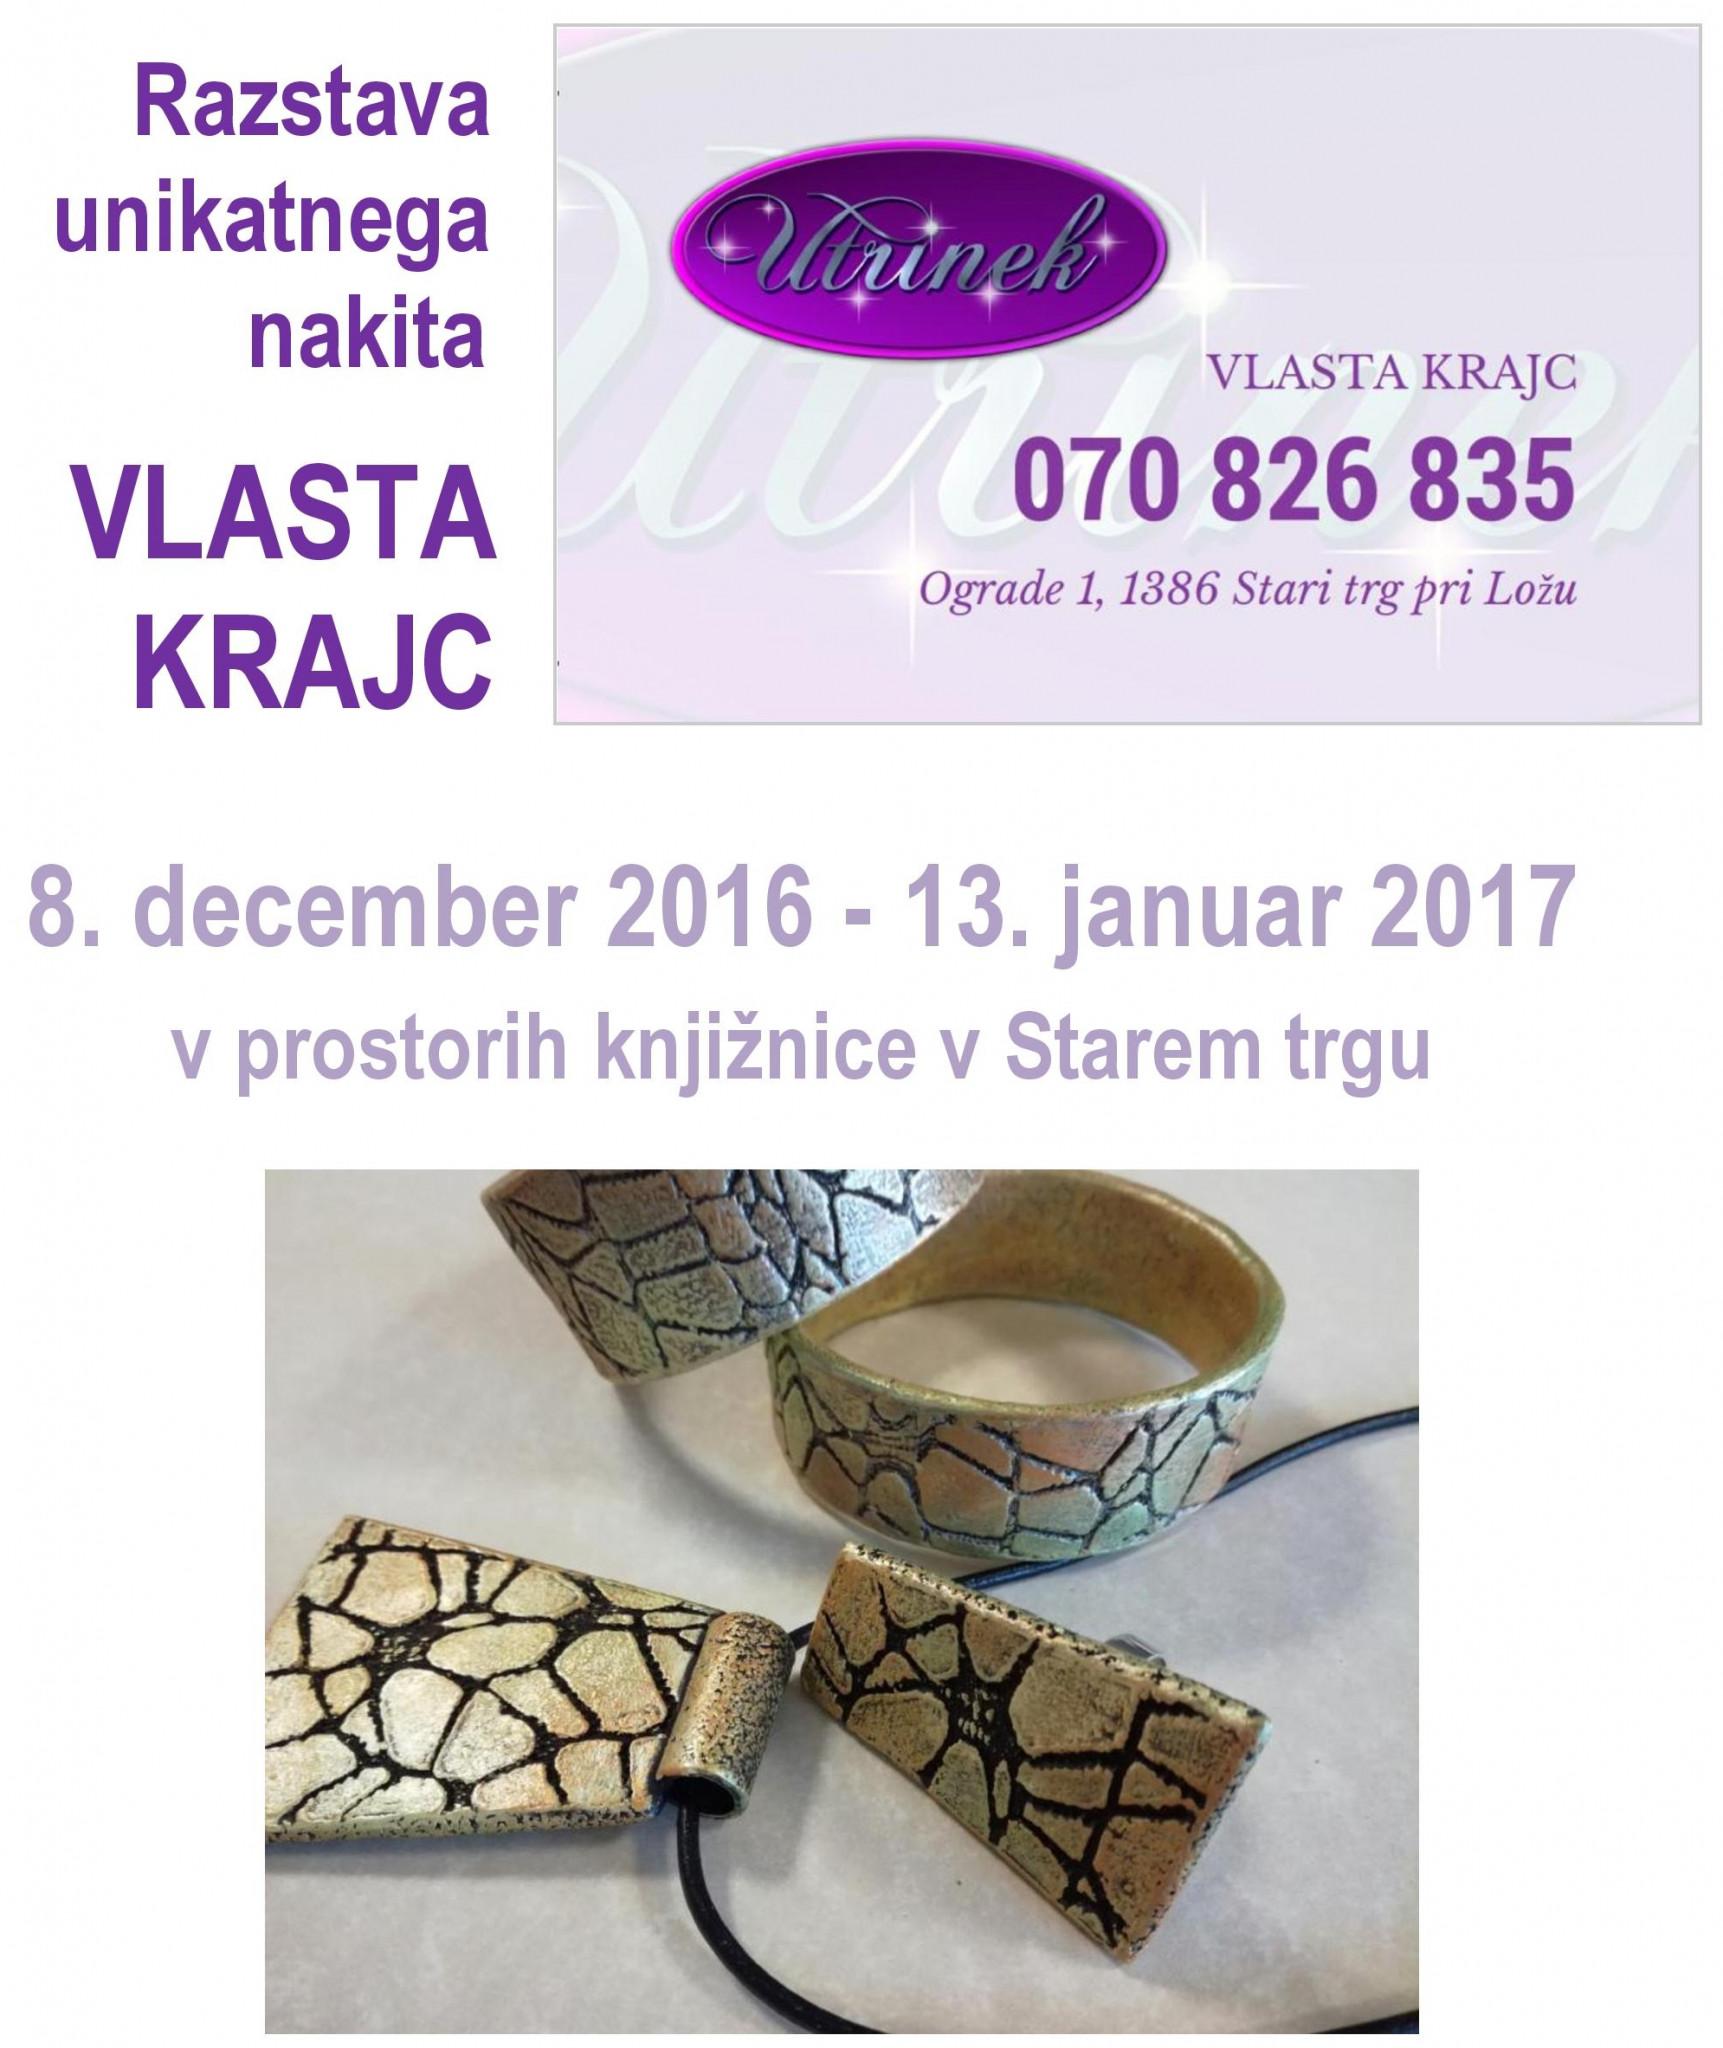 cover - Vlasta Krajc - razstava unikatnega nakita